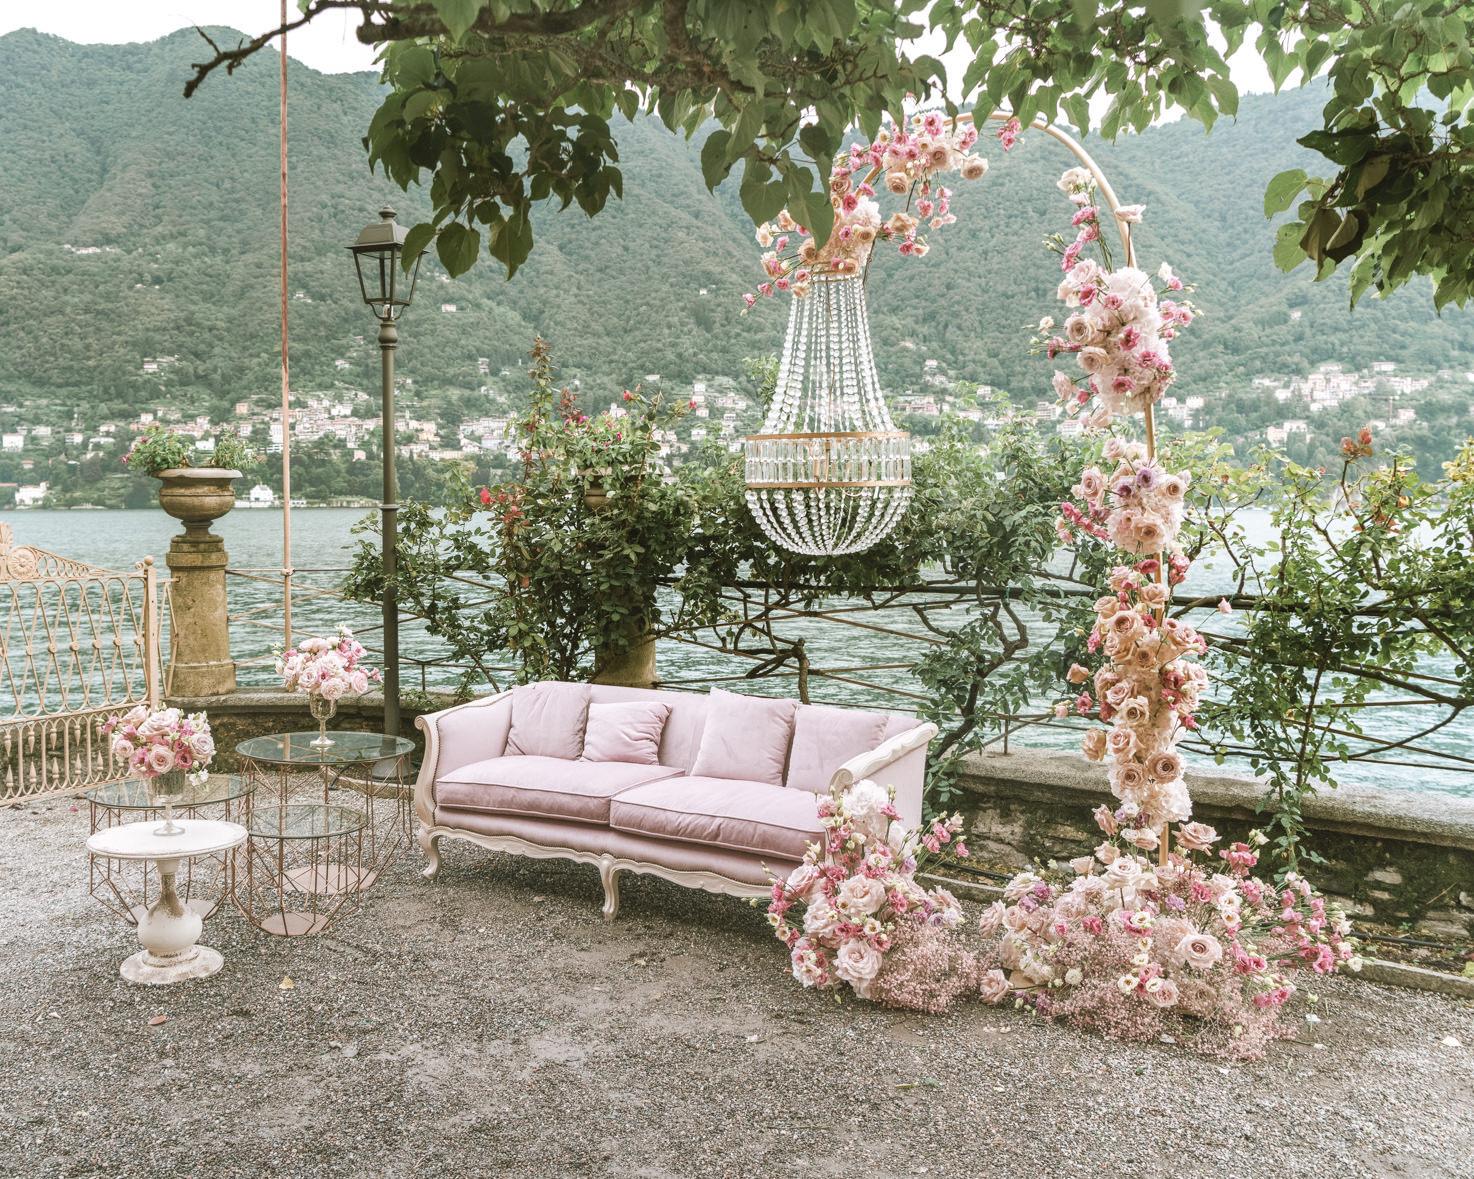 Wedding cocktail in a garden on Lake Como